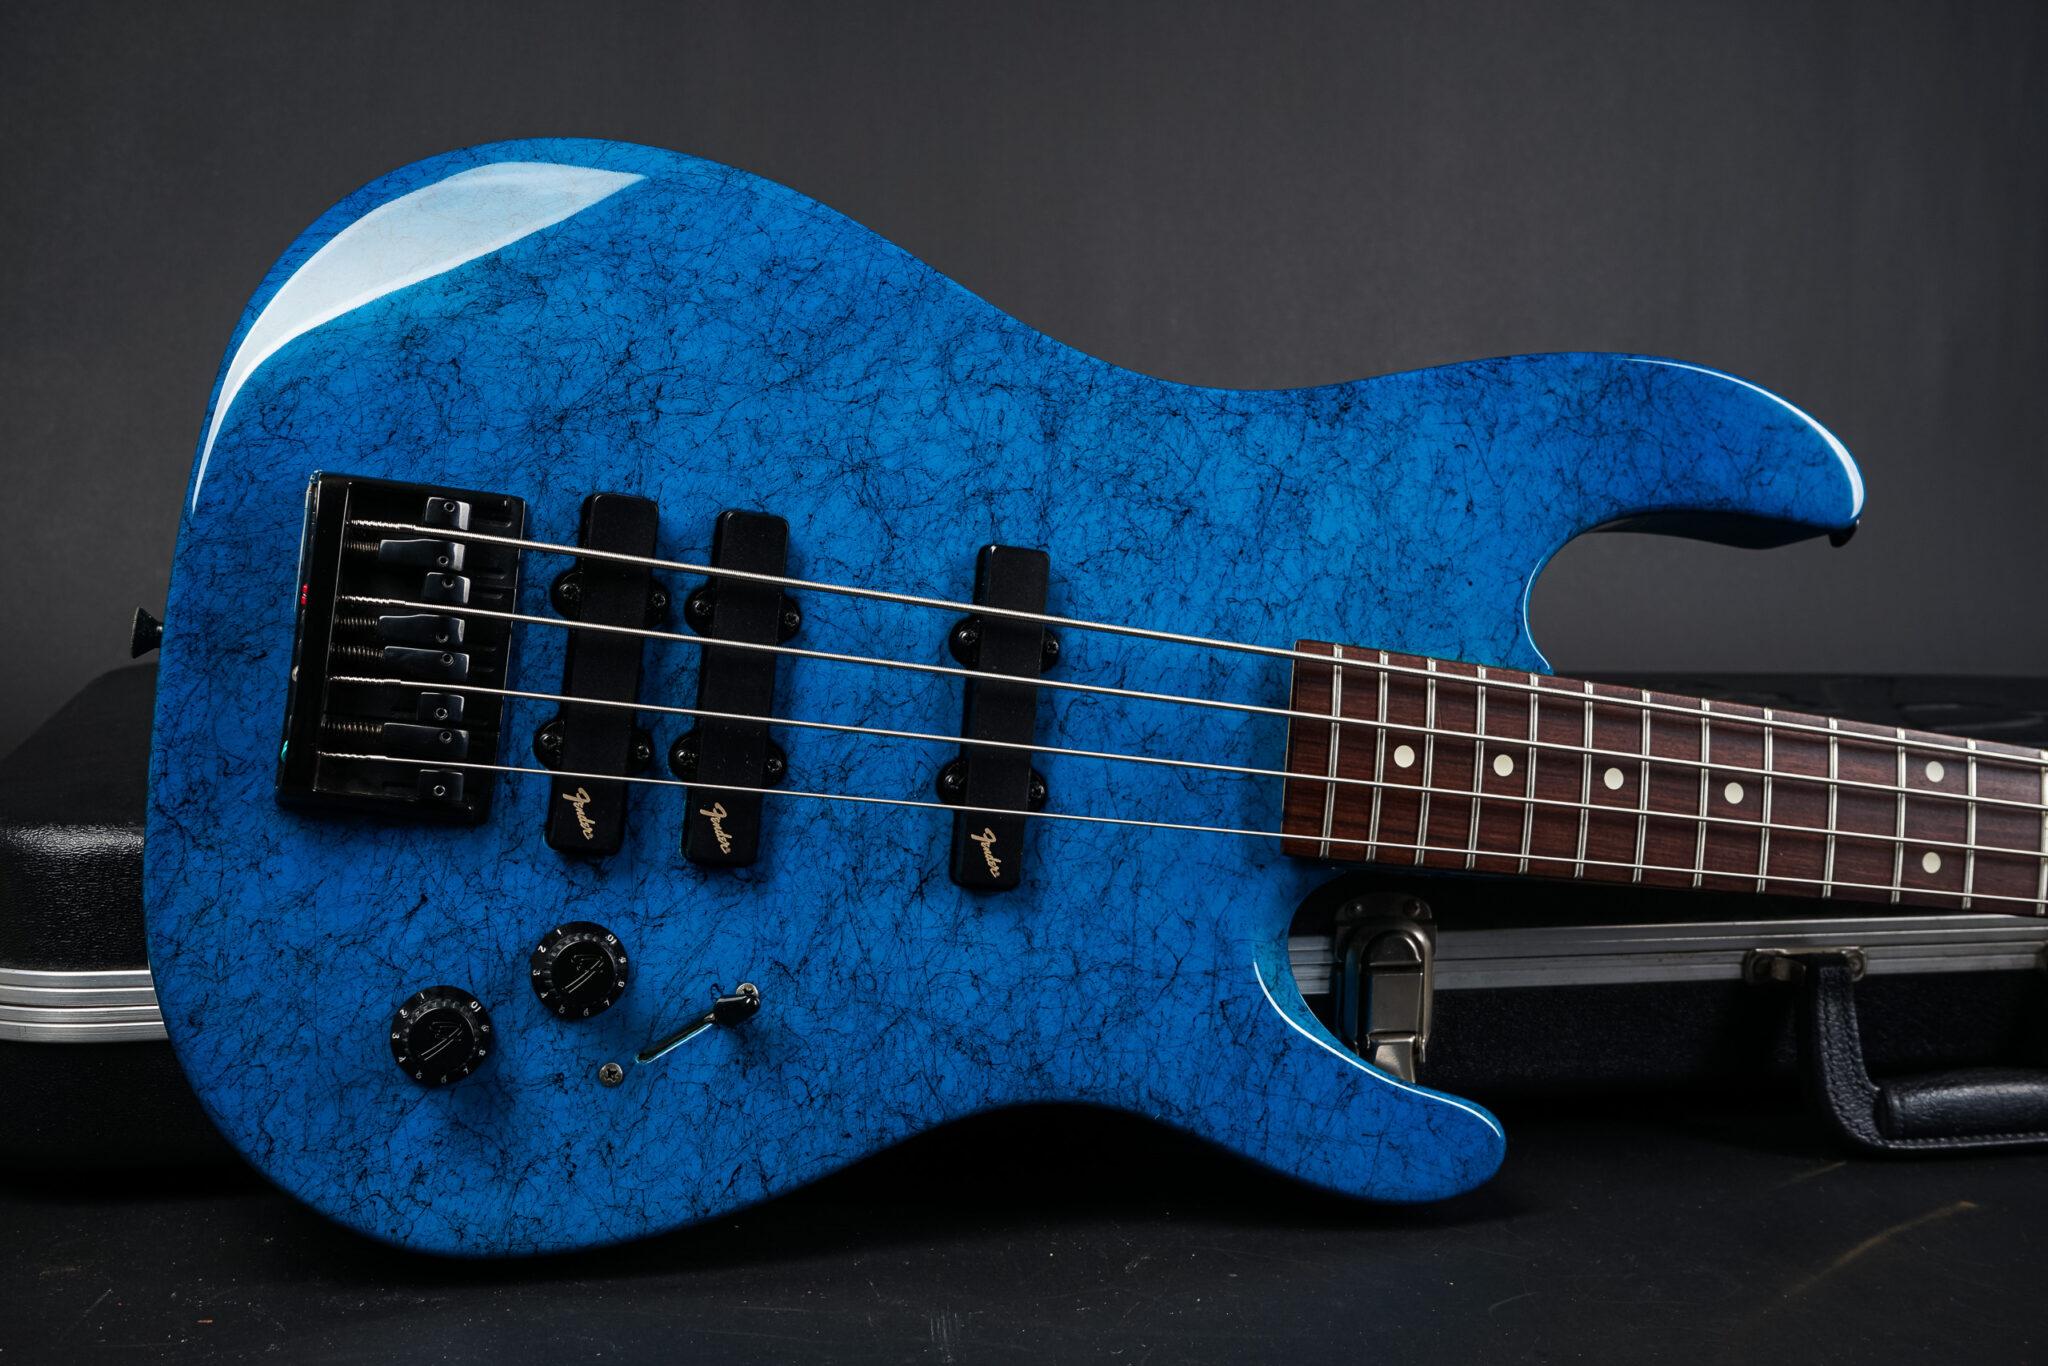 https://guitarpoint.de/app/uploads/products/1990-fender-hm-bass-blue/1990-Fender-HM-Bass-Blue-N000766-8-2048x1366.jpg